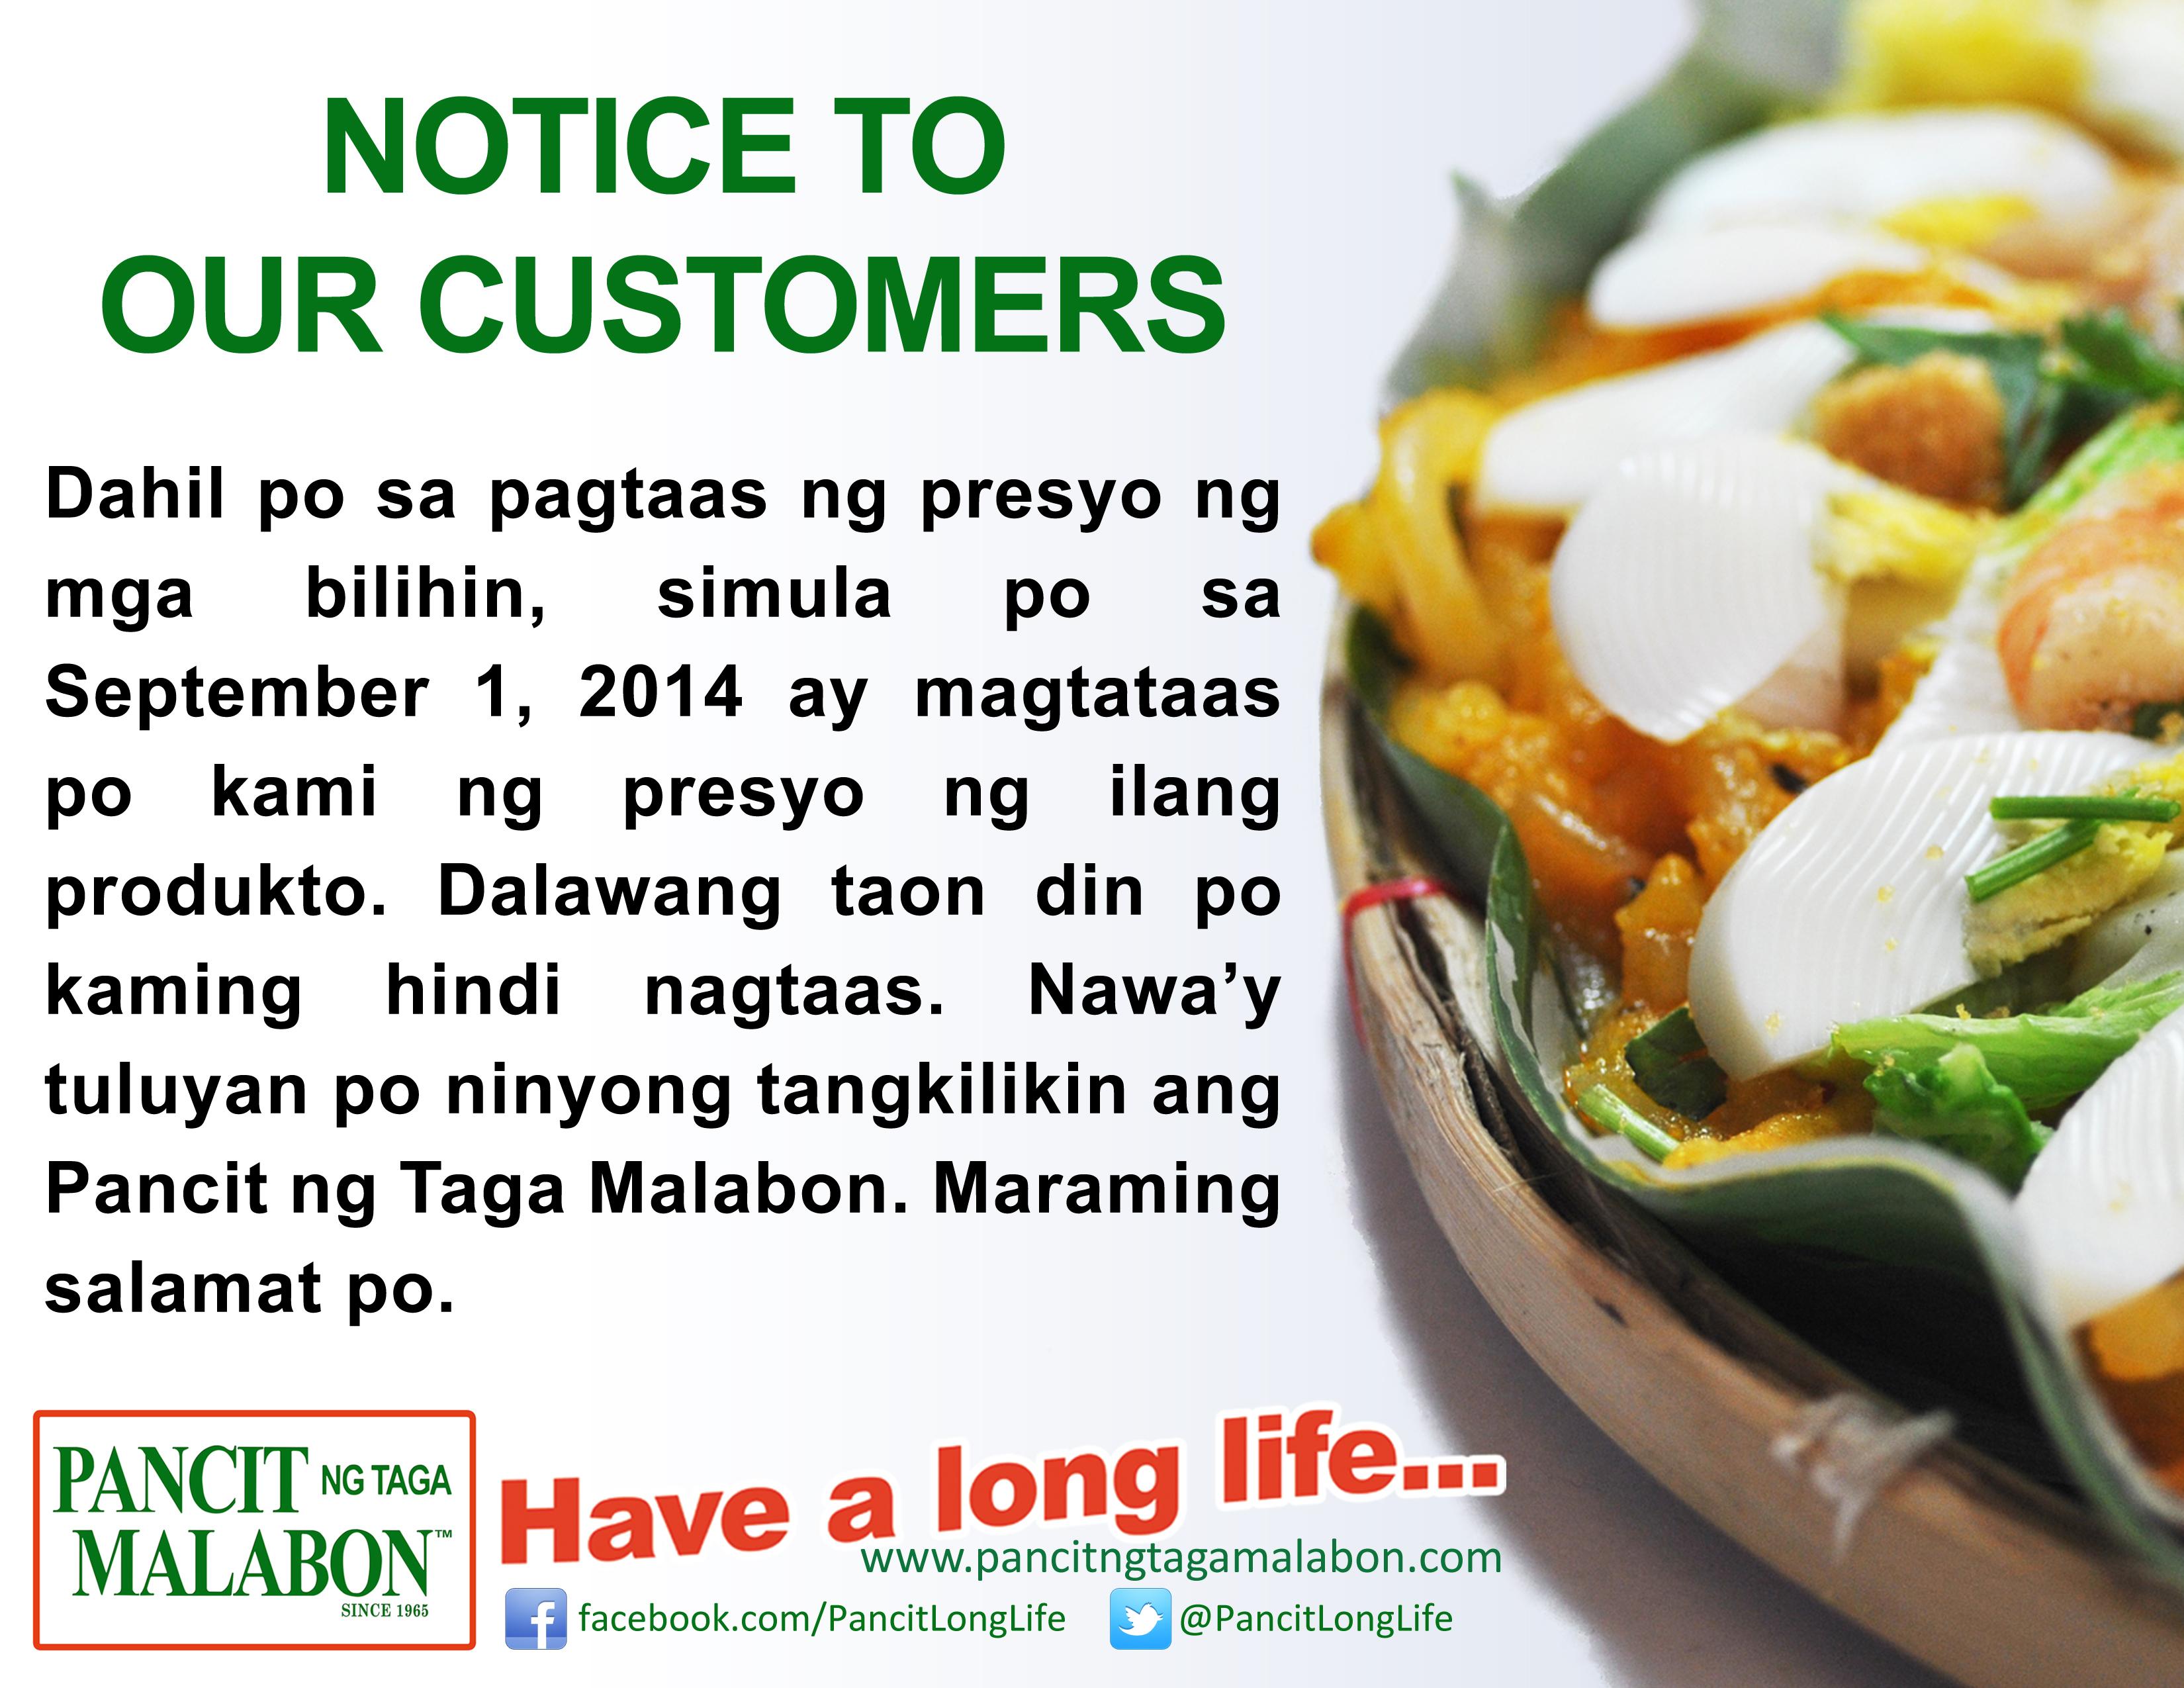 Pancit ng Taga Malabon price increase notice